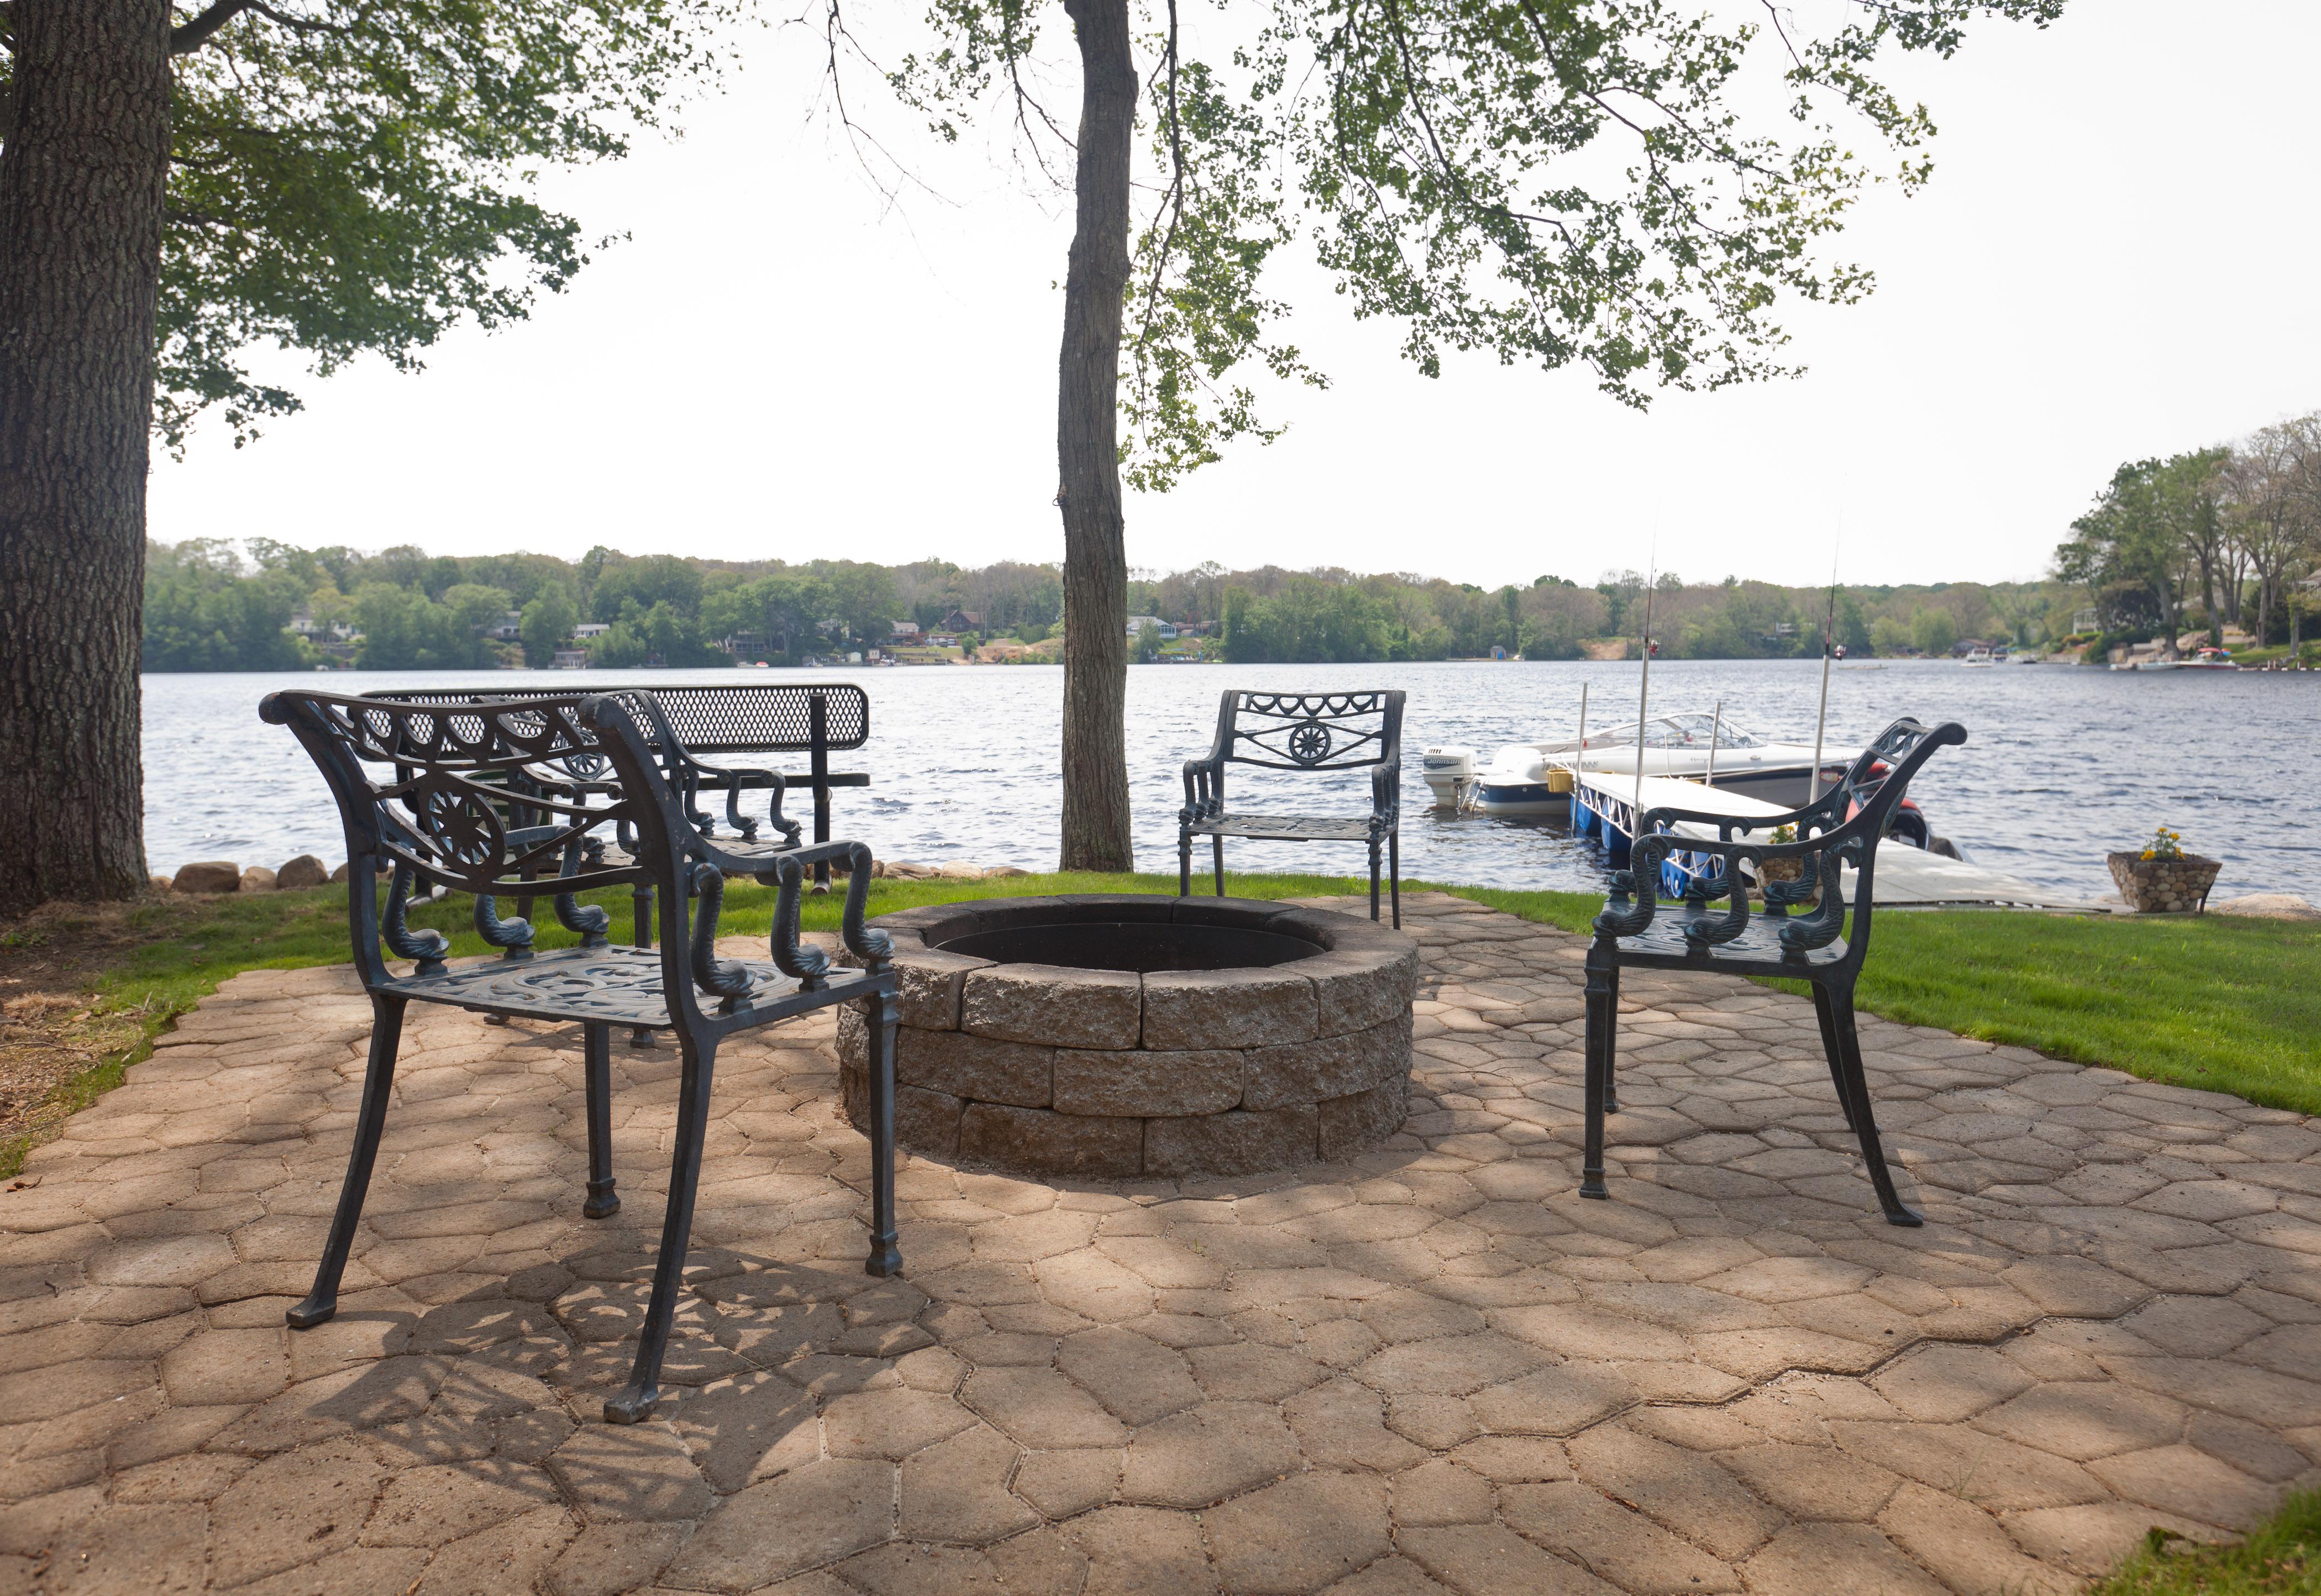 Lakeside on Oxoboxo Lake